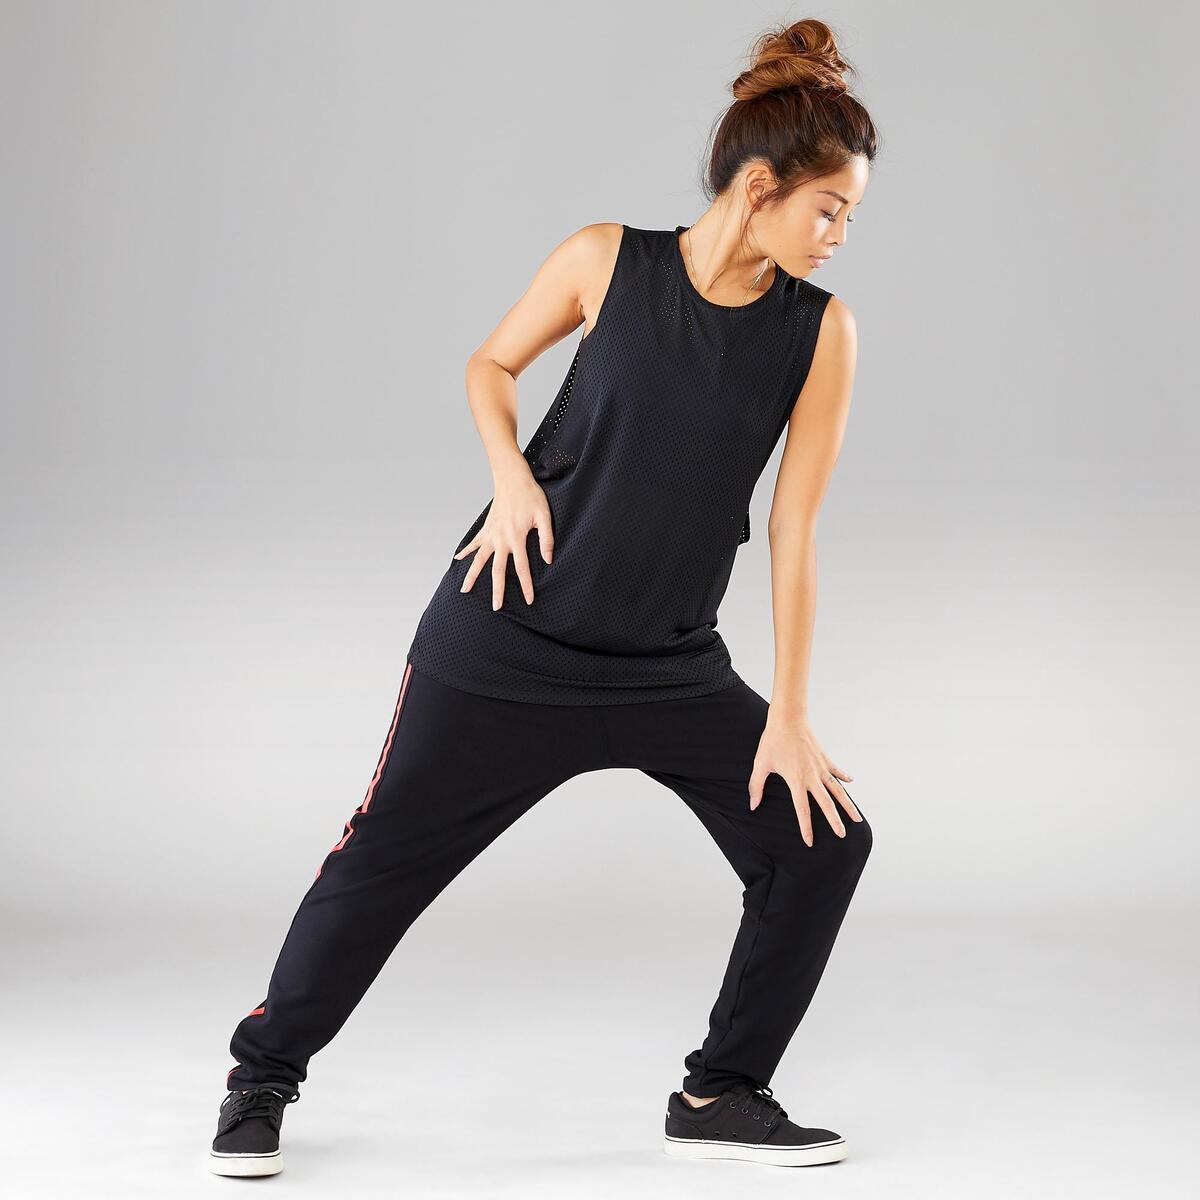 Bild 3 von Top Street Dance Damen extrem atmungsaktiv schwarz